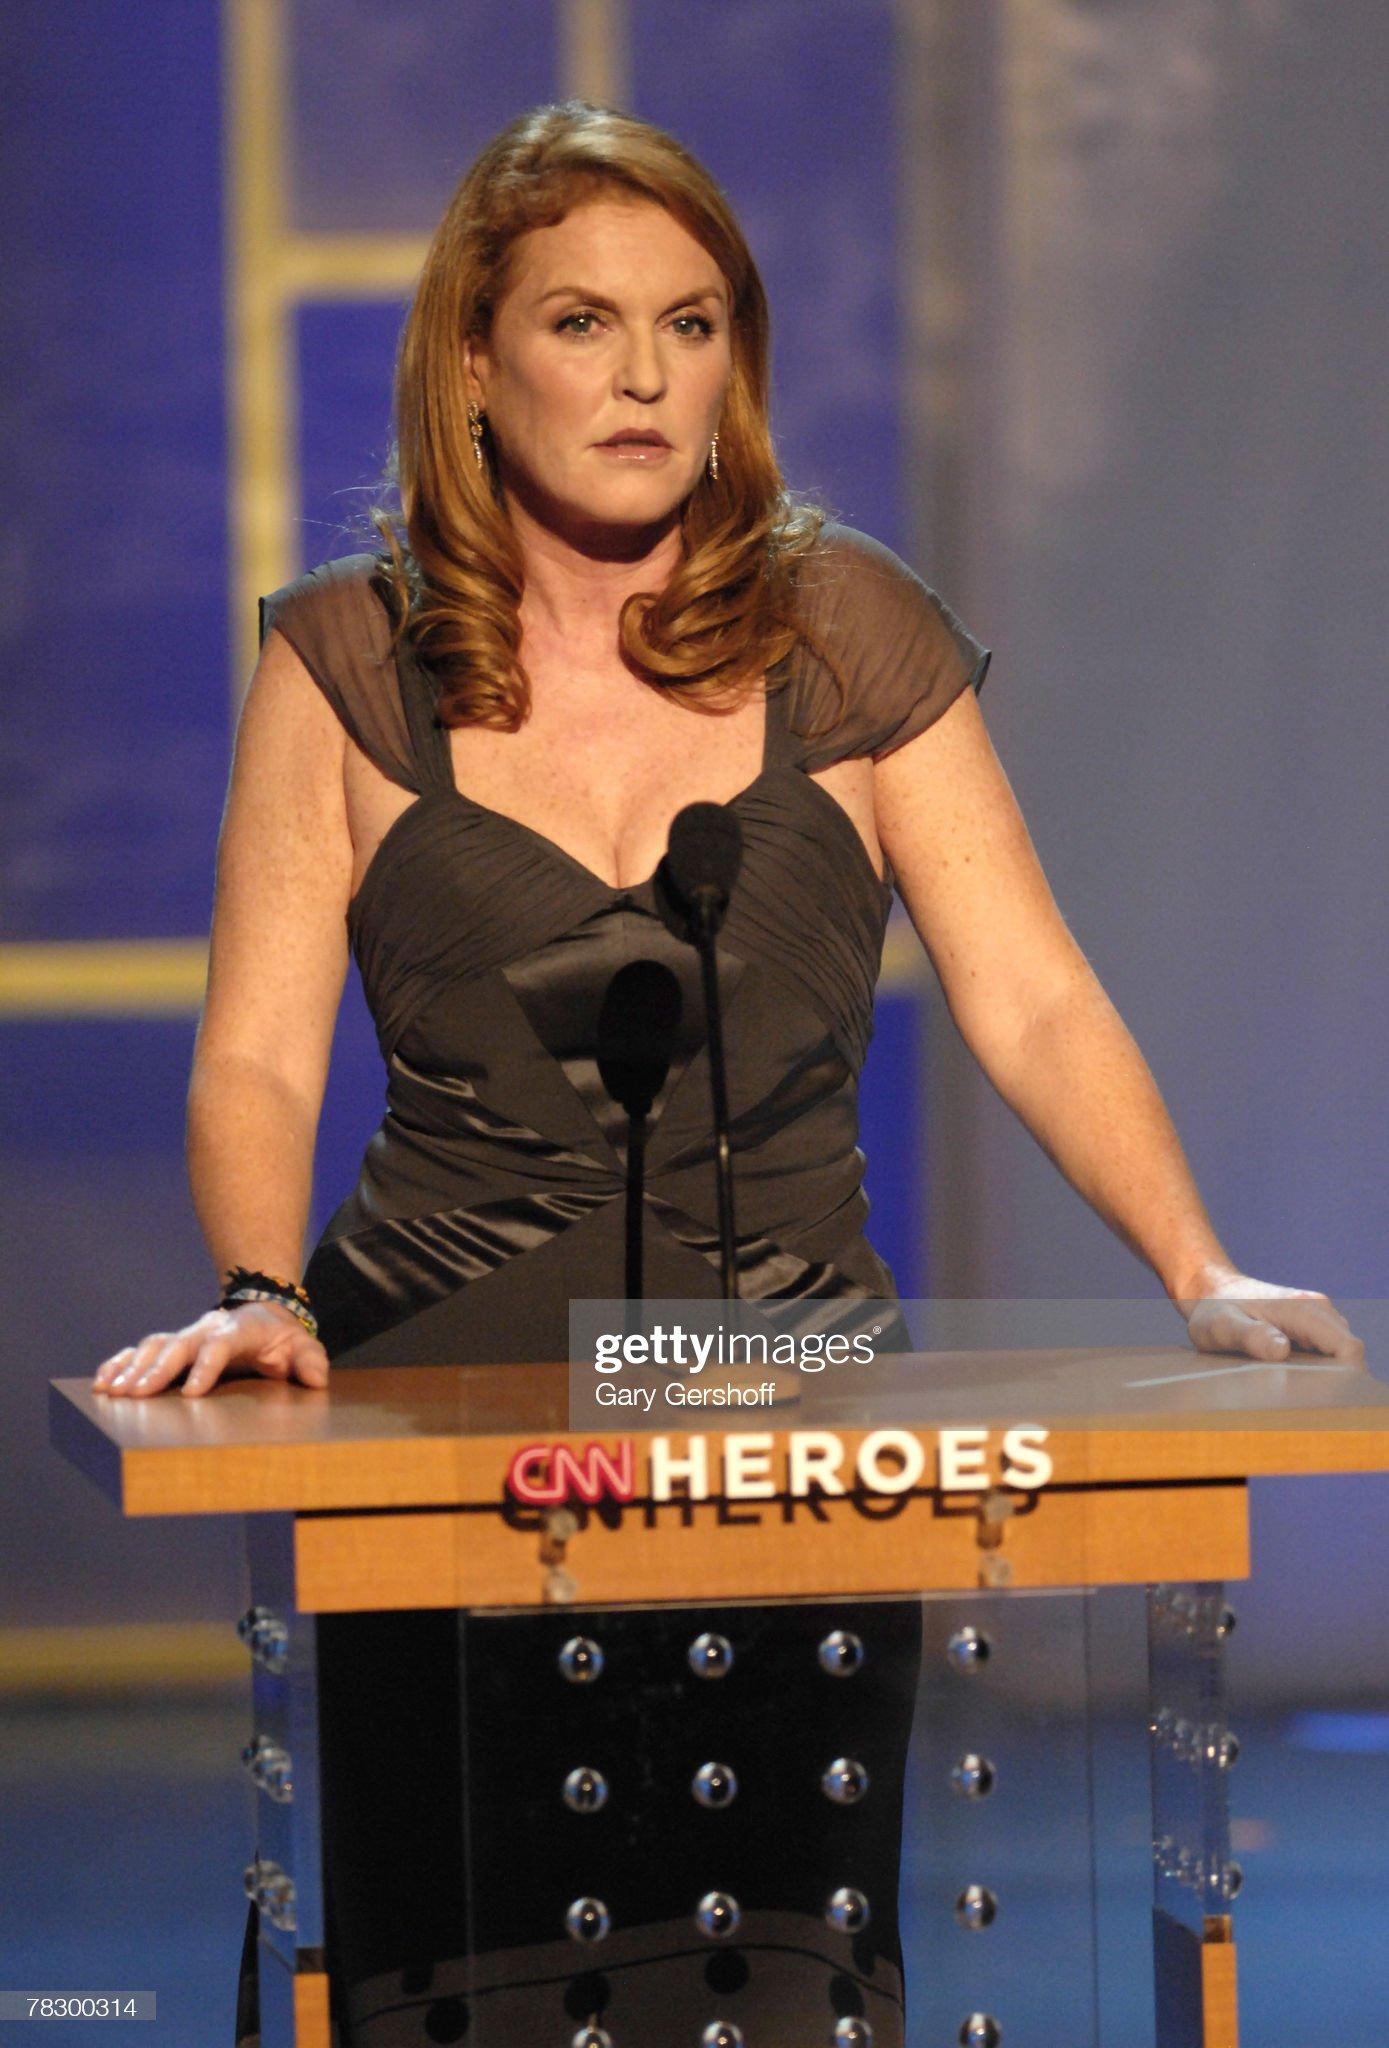 Вечерние наряды Отем пока еще Филлипс и Сары Йоркской CNN Heroes: An All-Star Tribute, a Live Global Broadcast Honoring Everyday Heroes - Show : News Photo